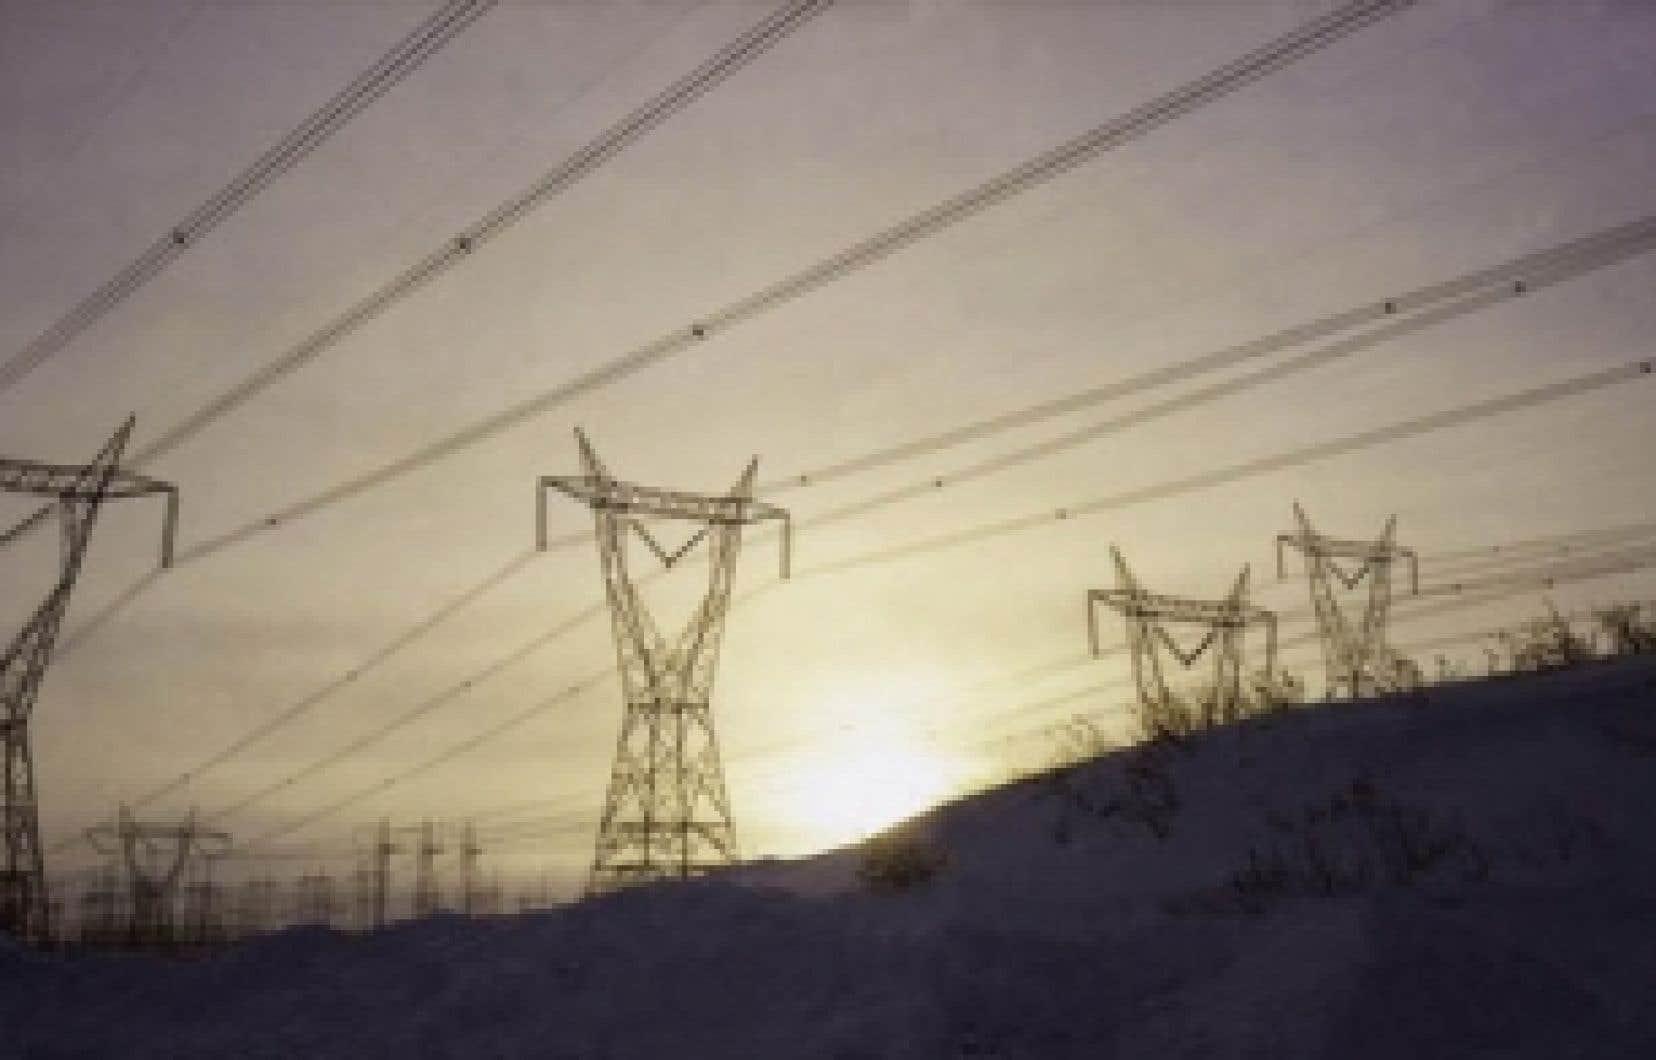 Hydro-Québec a fait des profits de 22 milliards au fil du temps, comparativement à 1 milliard pour Terre-Neuve, estime son premier ministre.